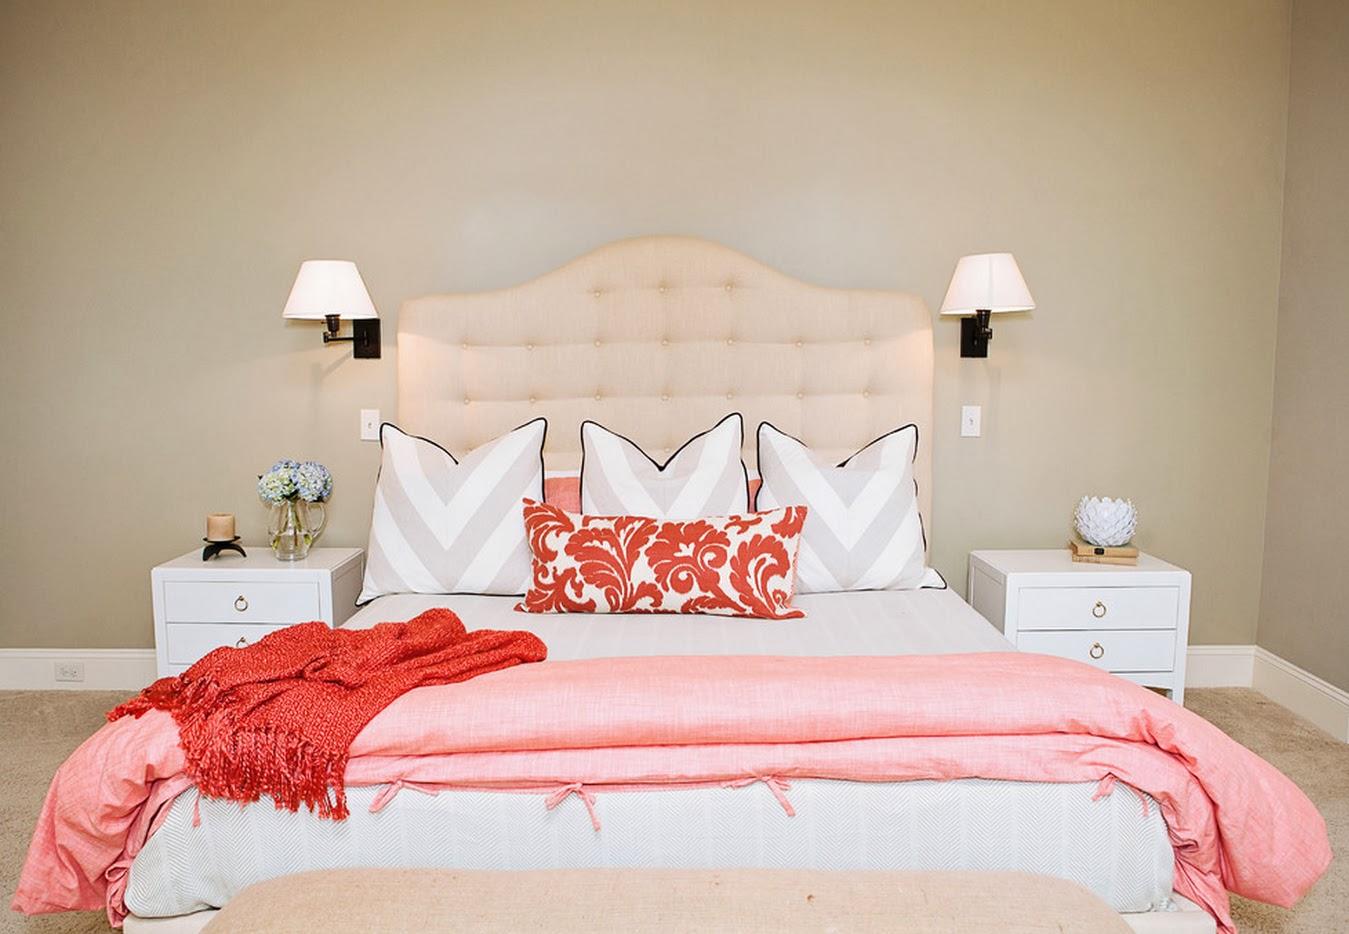 Прикроватные светильники для спальни своими руками образцы фото